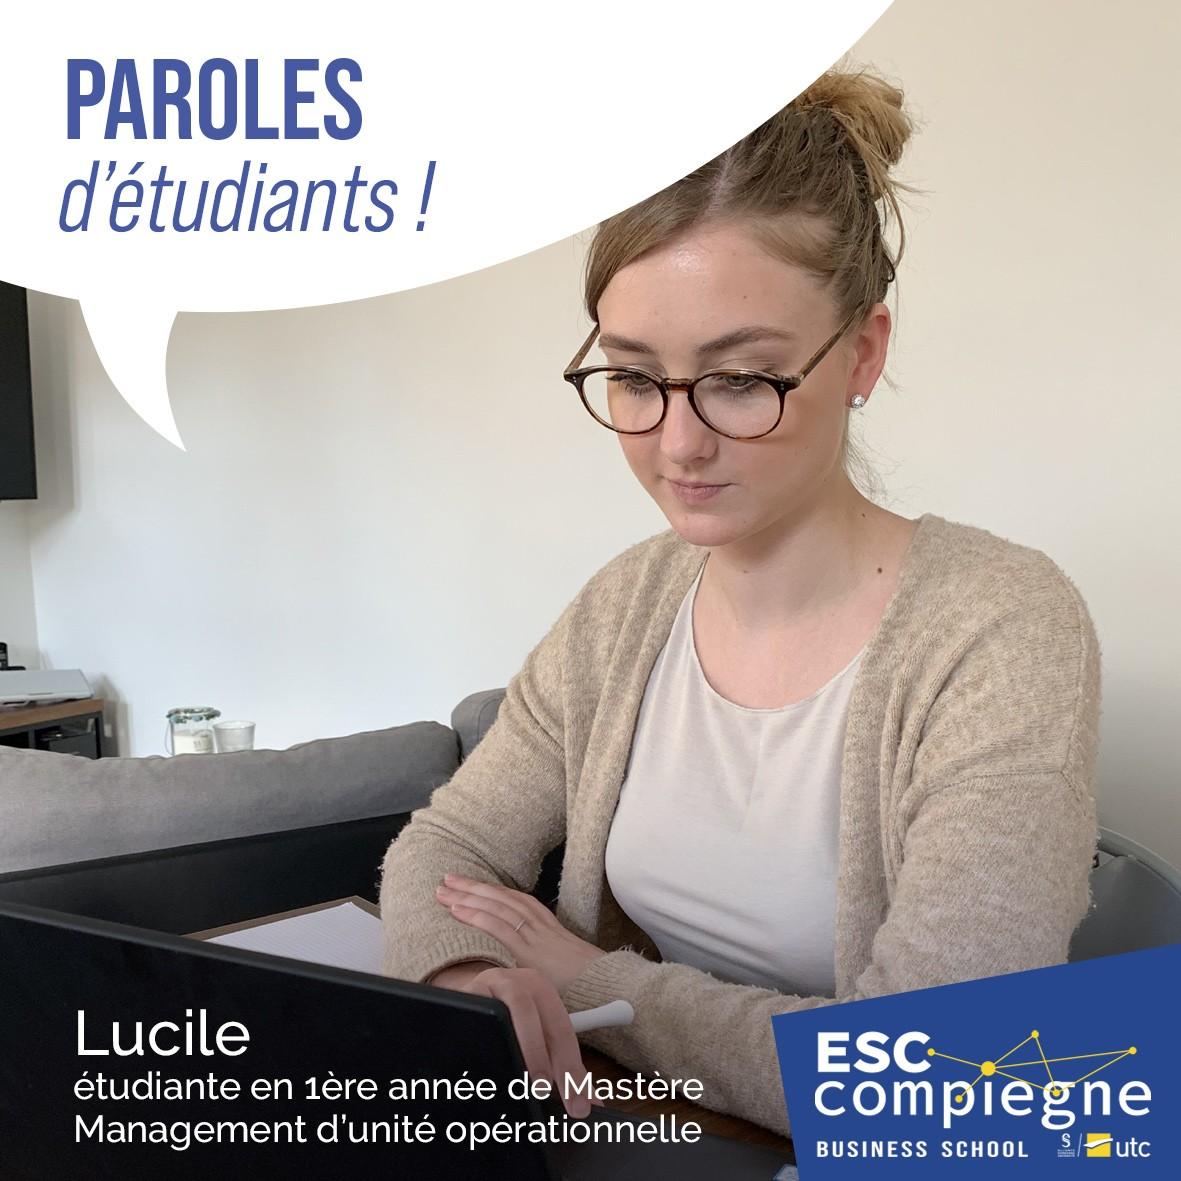 ESCC-Temoignages-Etudiants-Lucile